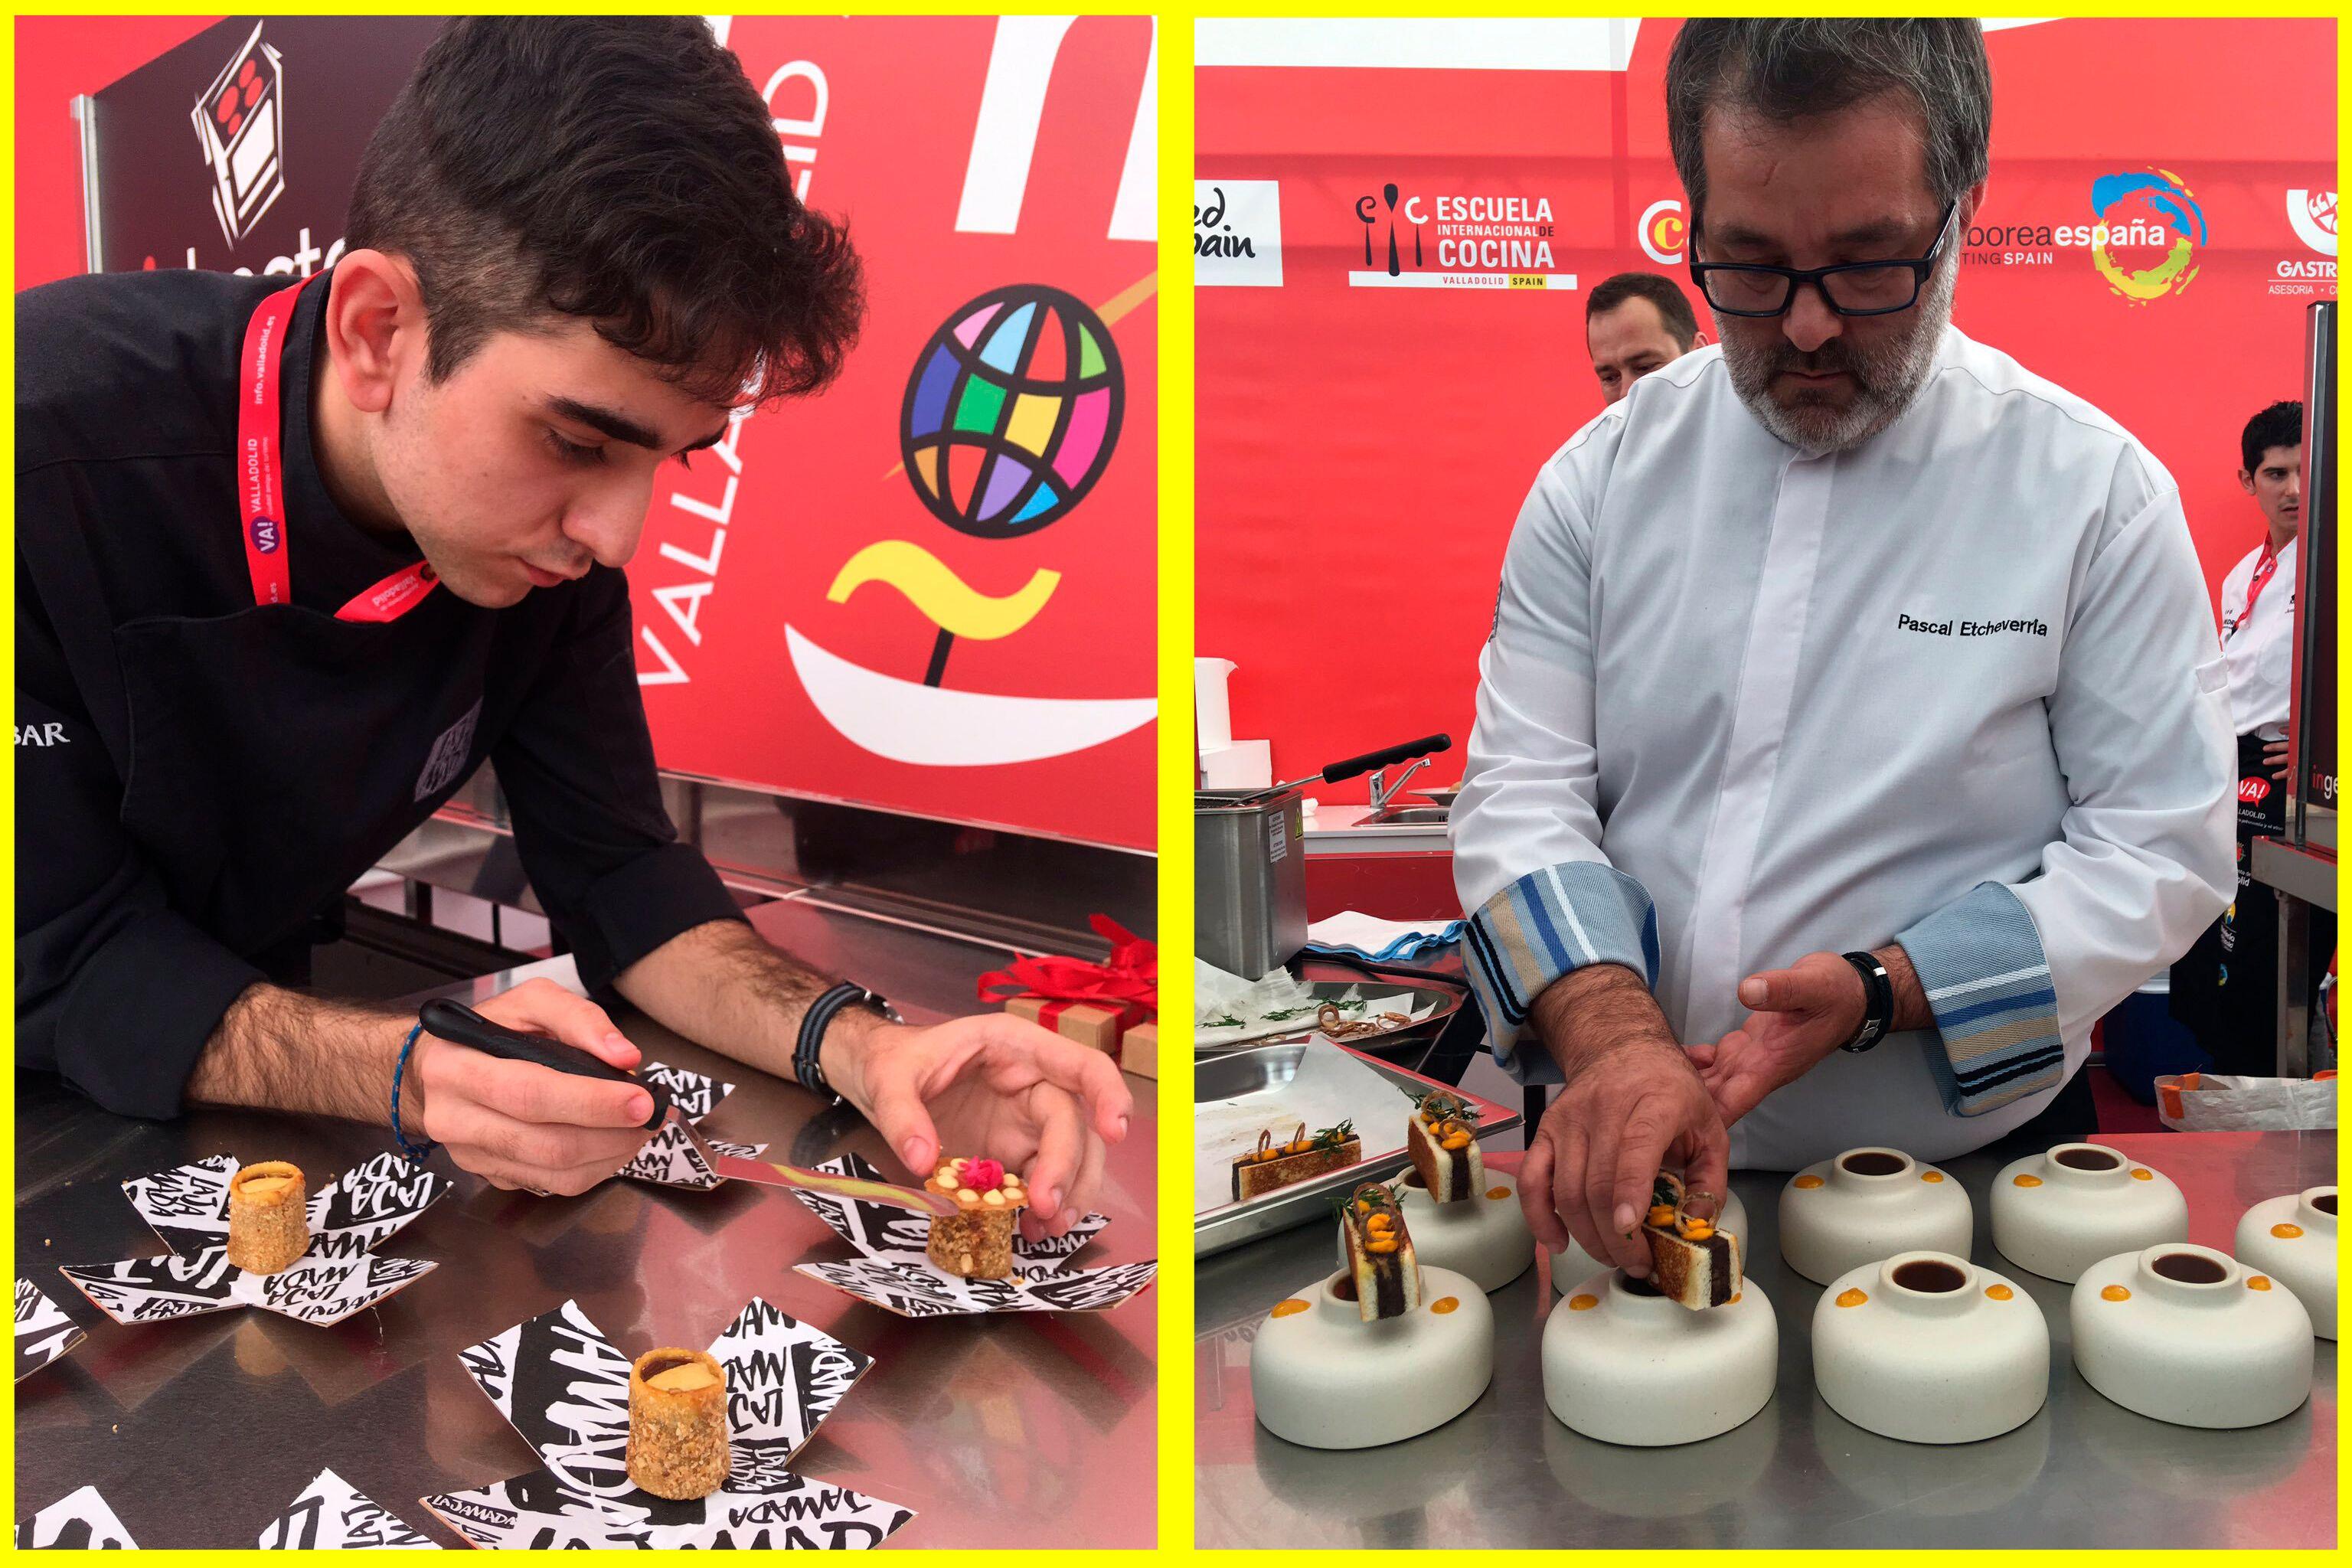 ¡Son campeones! Francisco Javier Ruiz, de la Jamada de Arrabal, en Burgos, y Pascal Etcheverria, de Francia, ganadores de Tapas 2019